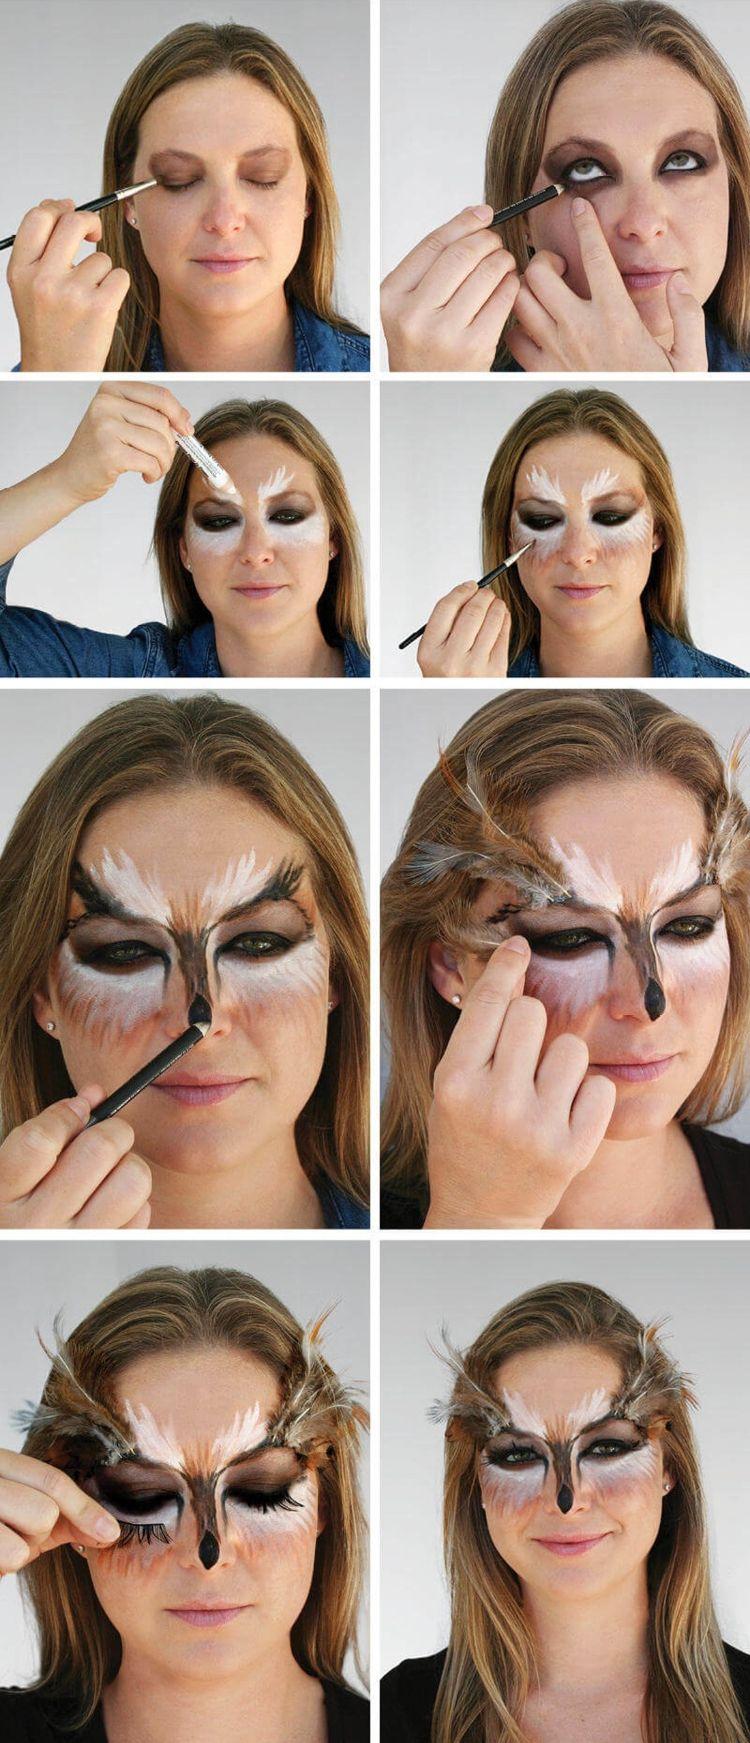 Maquillaje en búho – Ideas atractivas para búhos Maquillaje en carnaval ilustrado en imágenes – Nuevo mejor